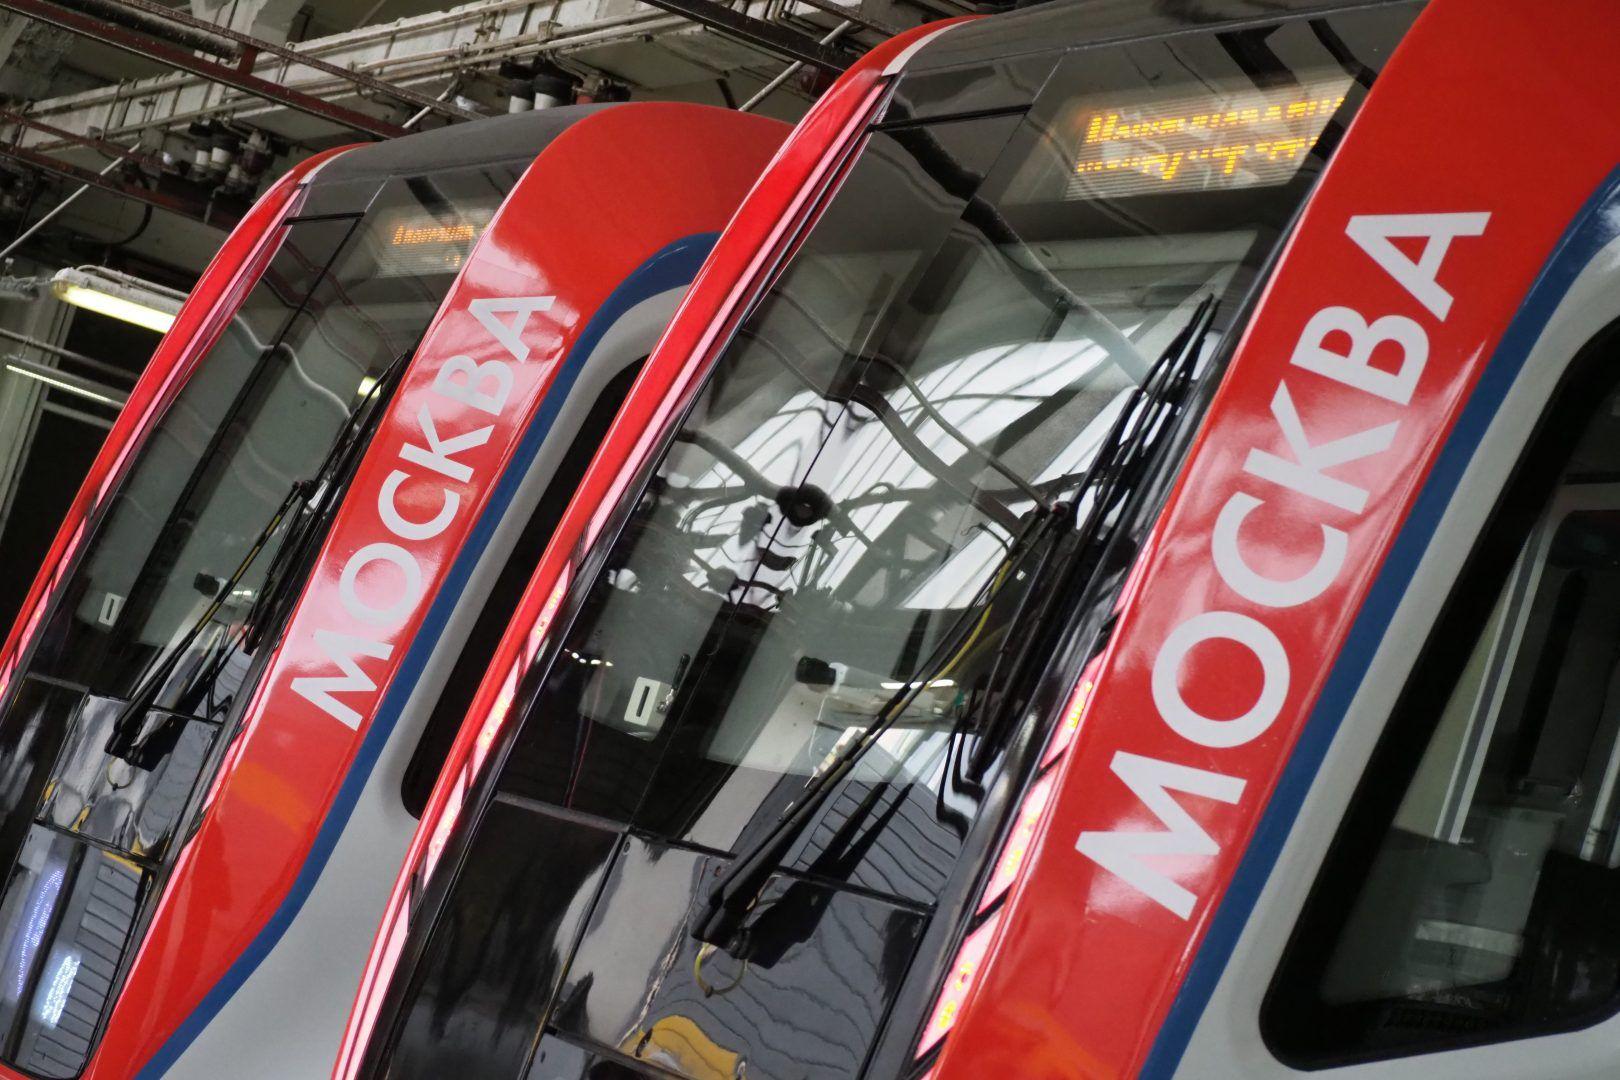 Поездов на красной линии стало еще больше. Фото: Антон Гердо